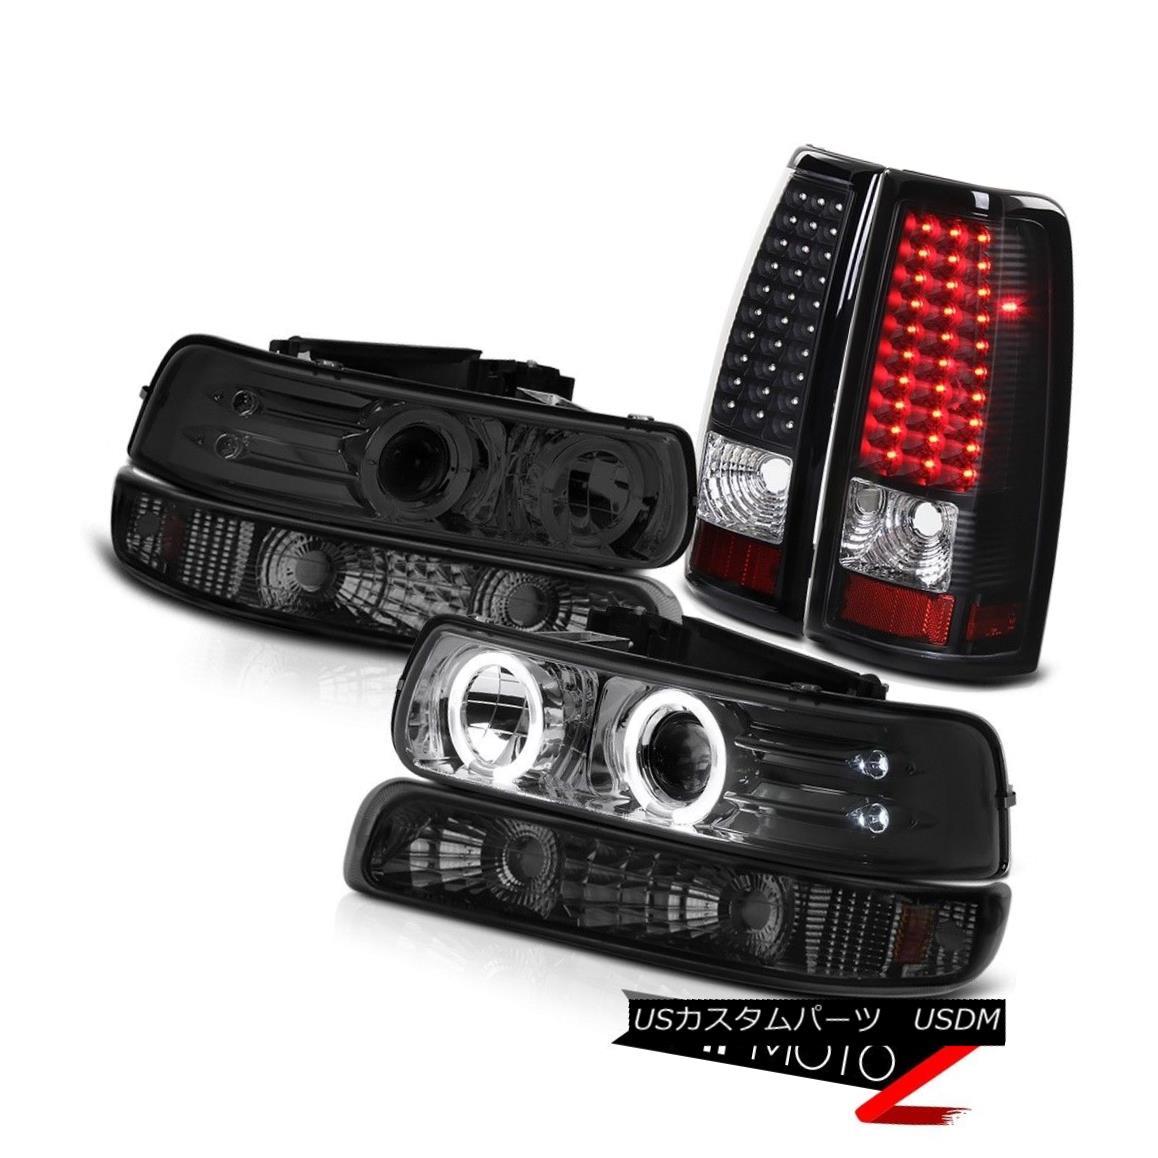 ヘッドライト 1999-2002 Silverado Vortec Max Smoke LED Halo Headlights Bumper Black Taillights 1999-2002 Silverado Vortec Max Smoke LEDハローヘッドライトバンパーブラックテイルライト